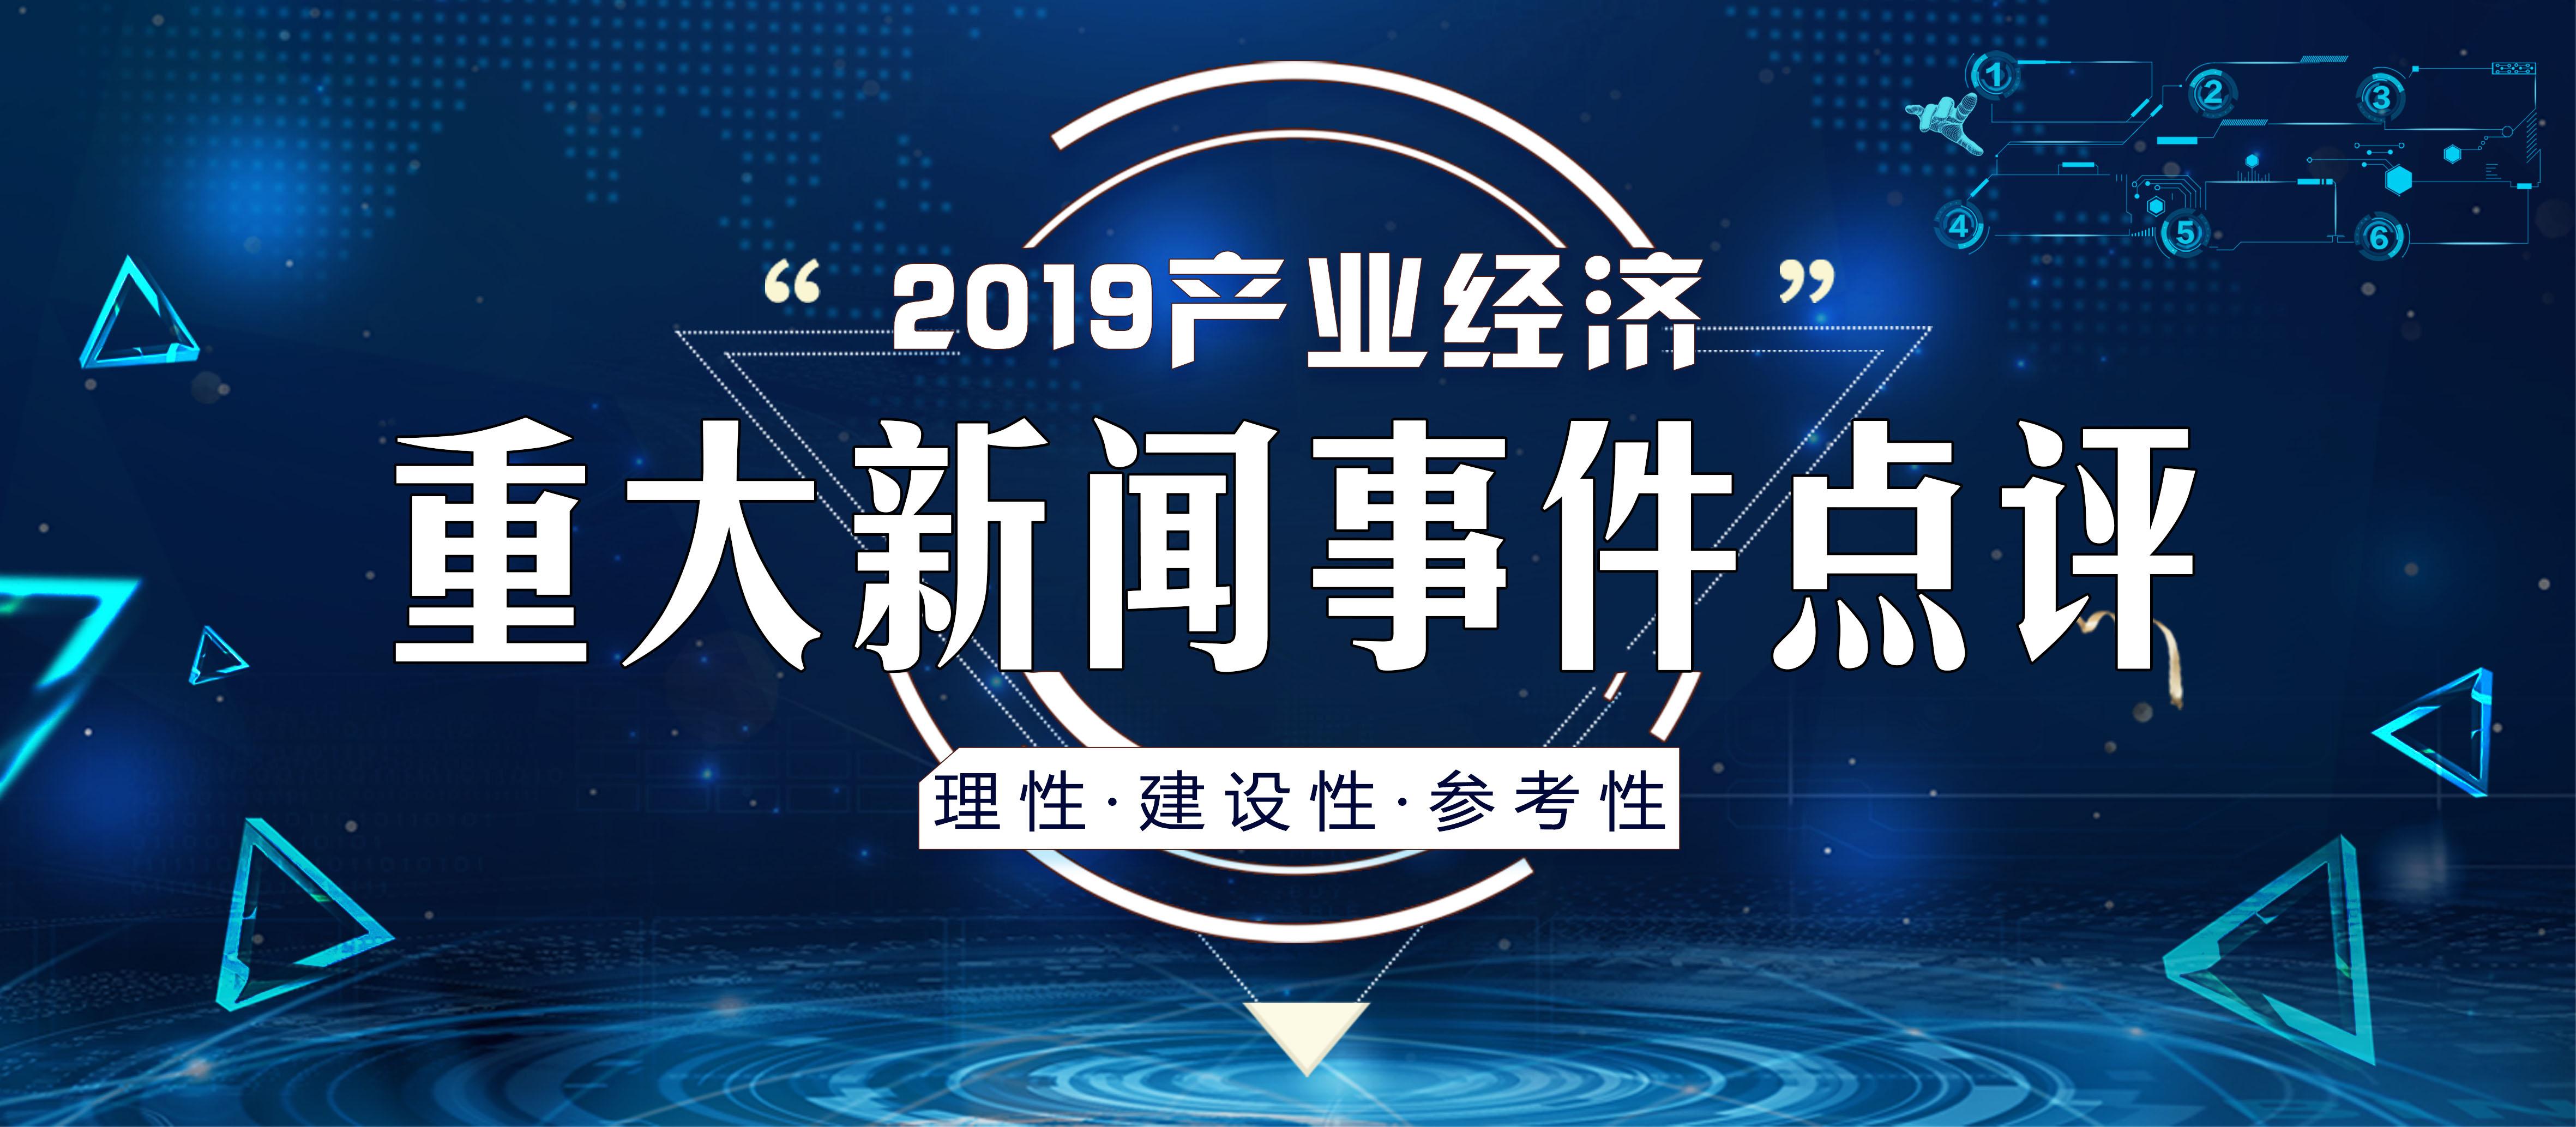 2019产业经济重大新闻事件点评(5月27日~6月2日,第106期)